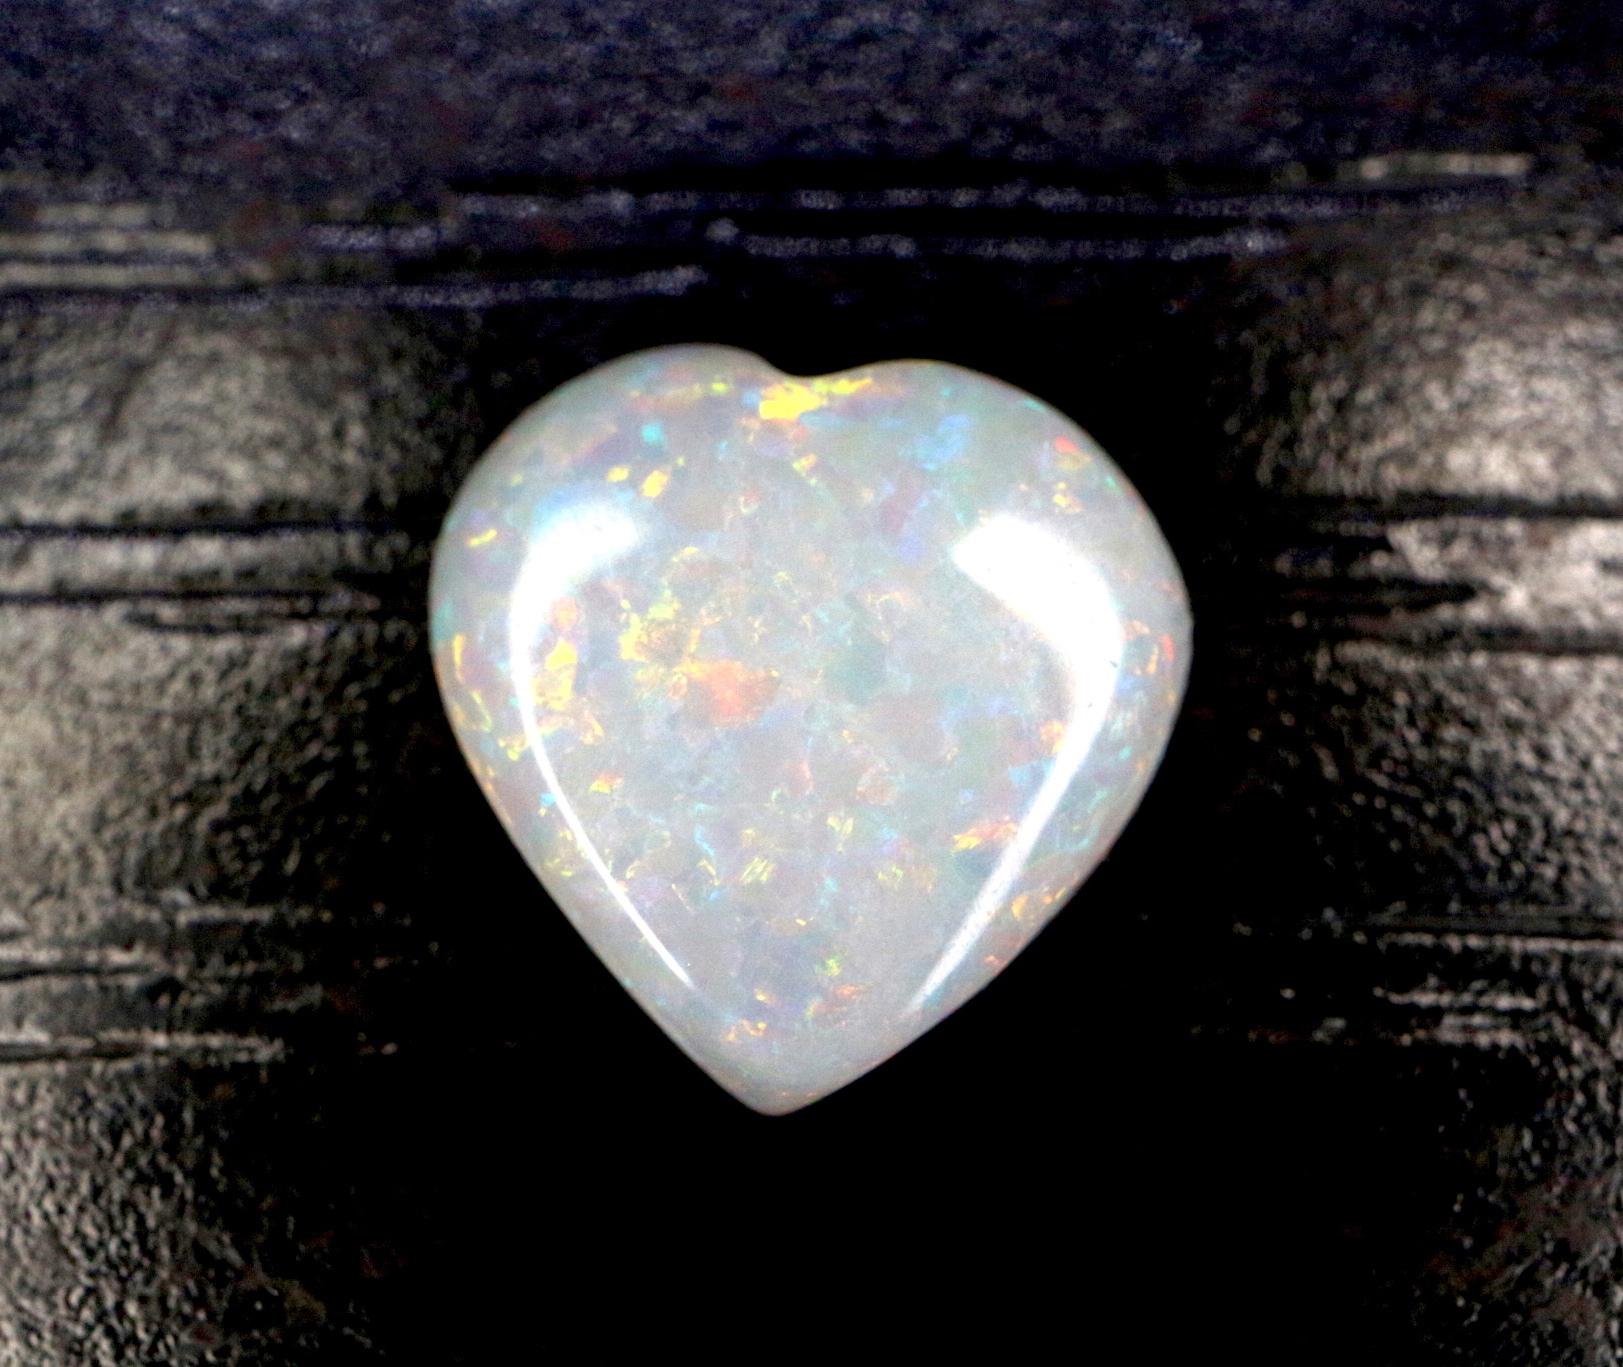 ハート型!天然 オーストラリア オパール ルース石 0.56ct  裸石